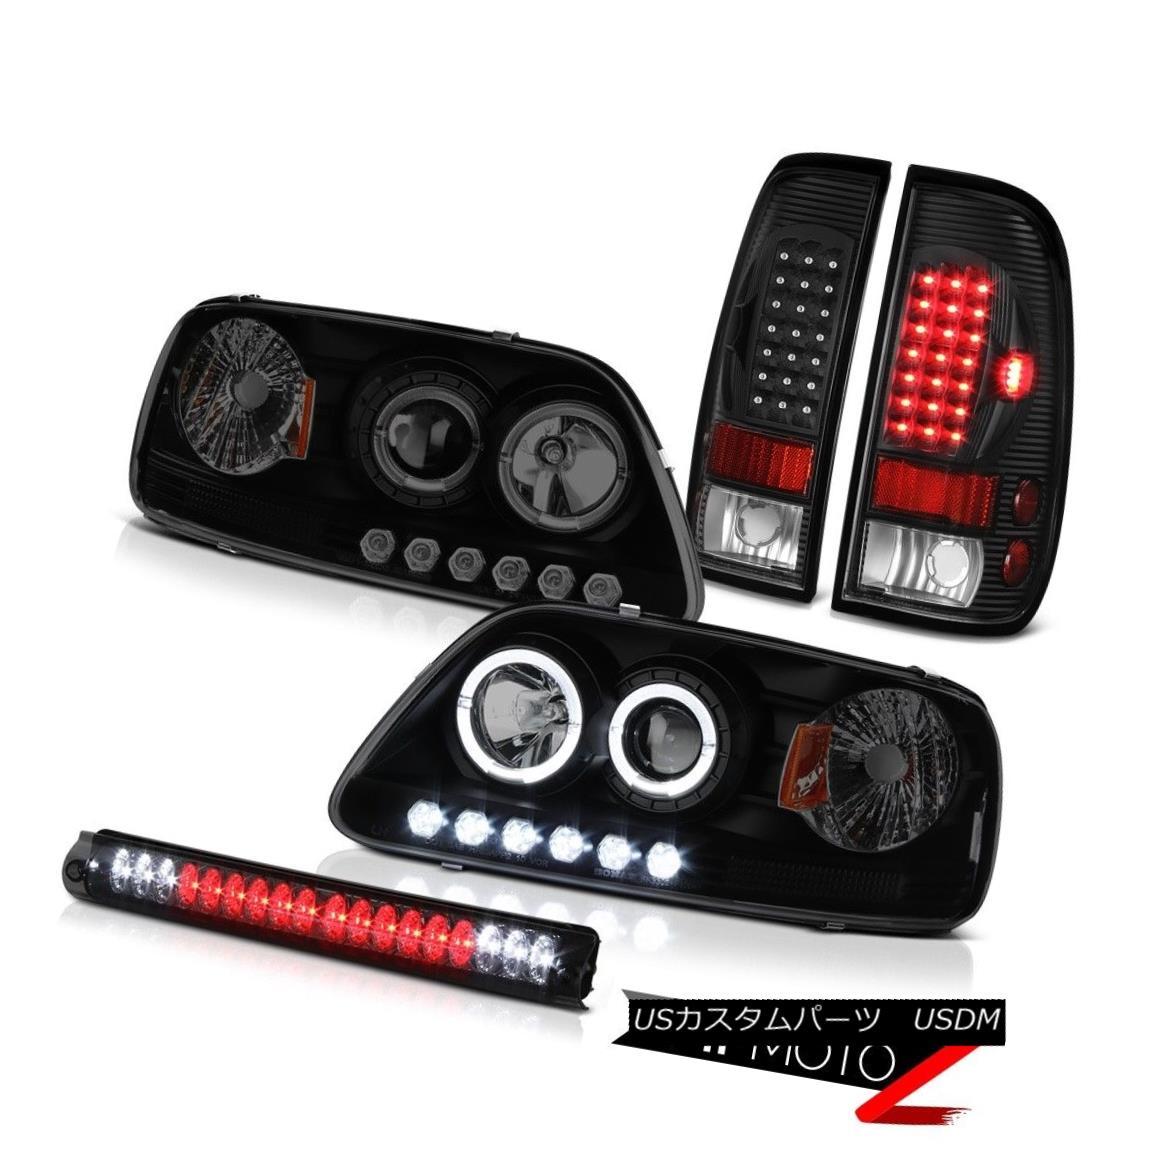 ヘッドライト LED Projector Headlight 2001 2002 2003 F150 5.4L Black LED Tail Lamps Roof Brake LEDプロジェクターヘッドライト2001 2002 2003 F150 5.4LブラックLEDテールランプ屋根ブレーキ